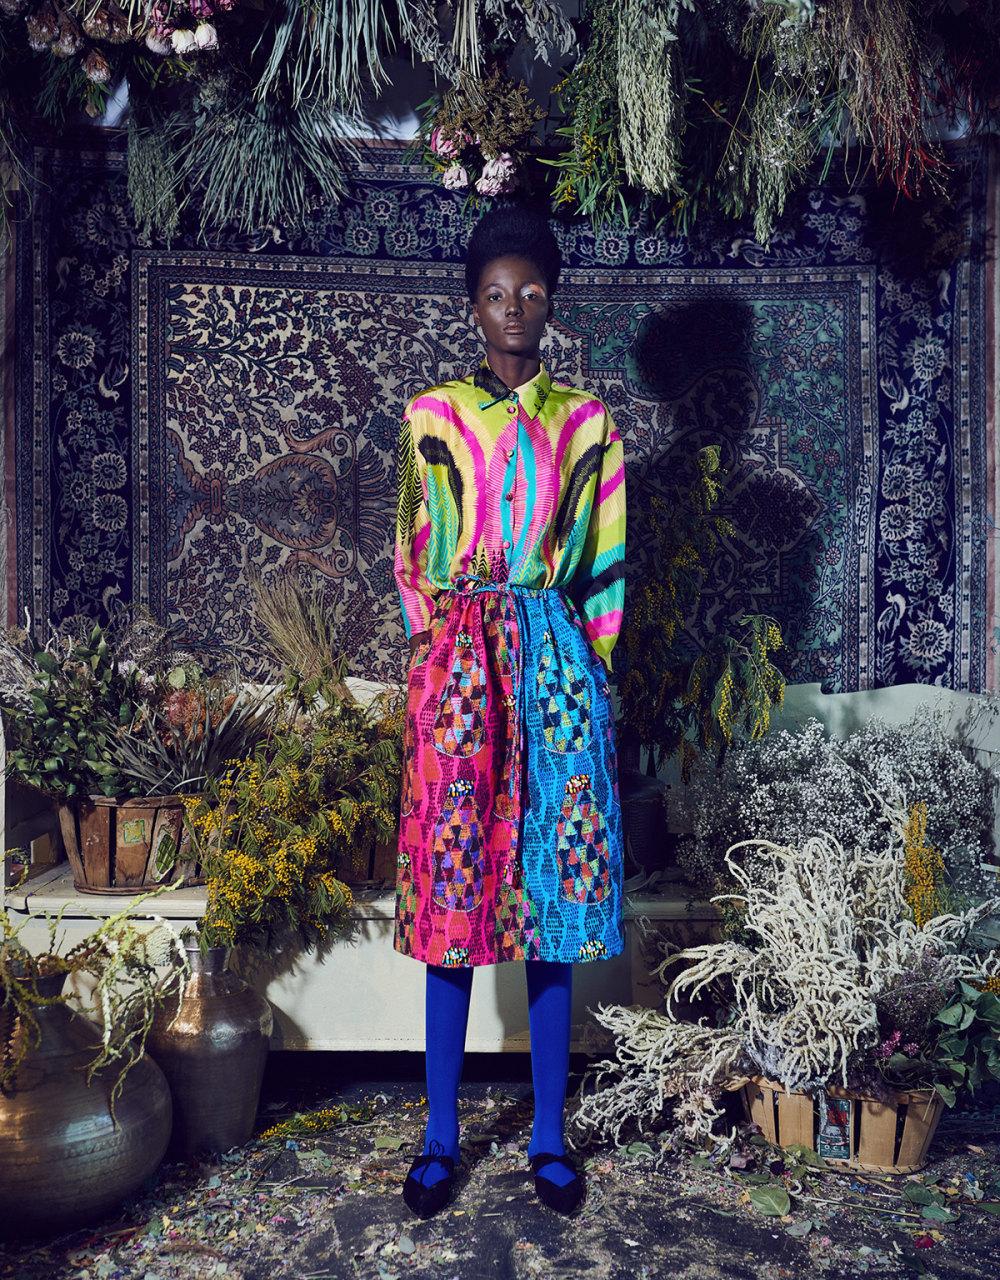 Rianna+Nina时装系列定制的夹克和金属光泽的七分裤定义未来主义-13.jpg